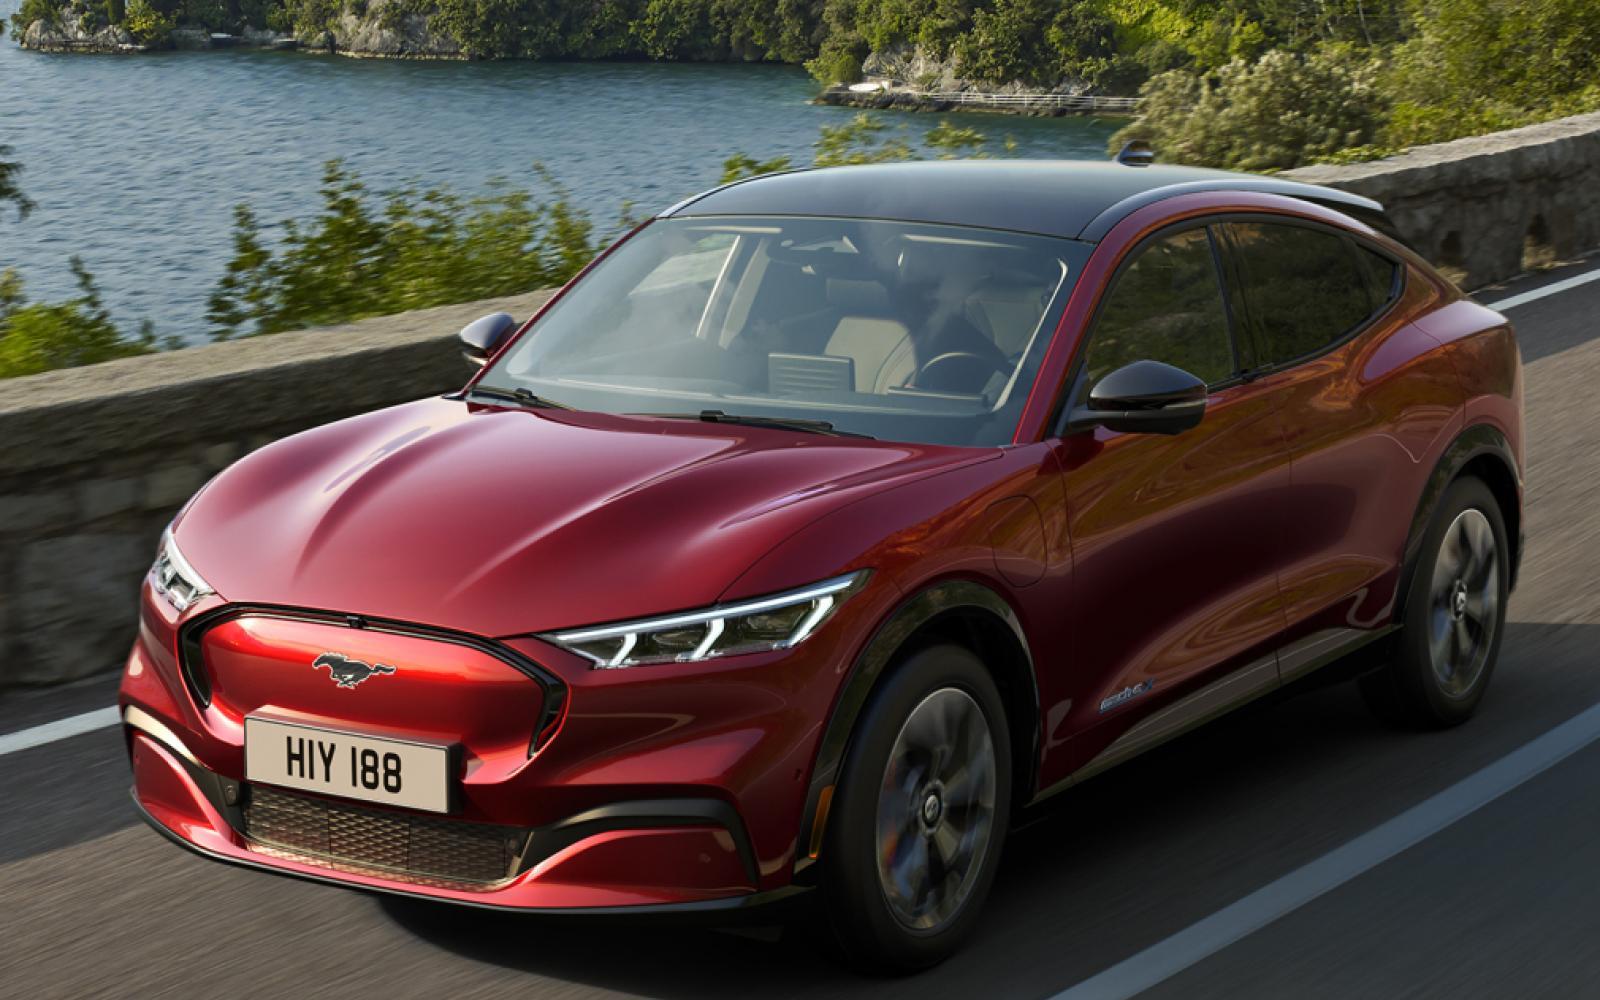 Elektrische Ford Mustang Mach-E blijft net onder de 50.000 euro